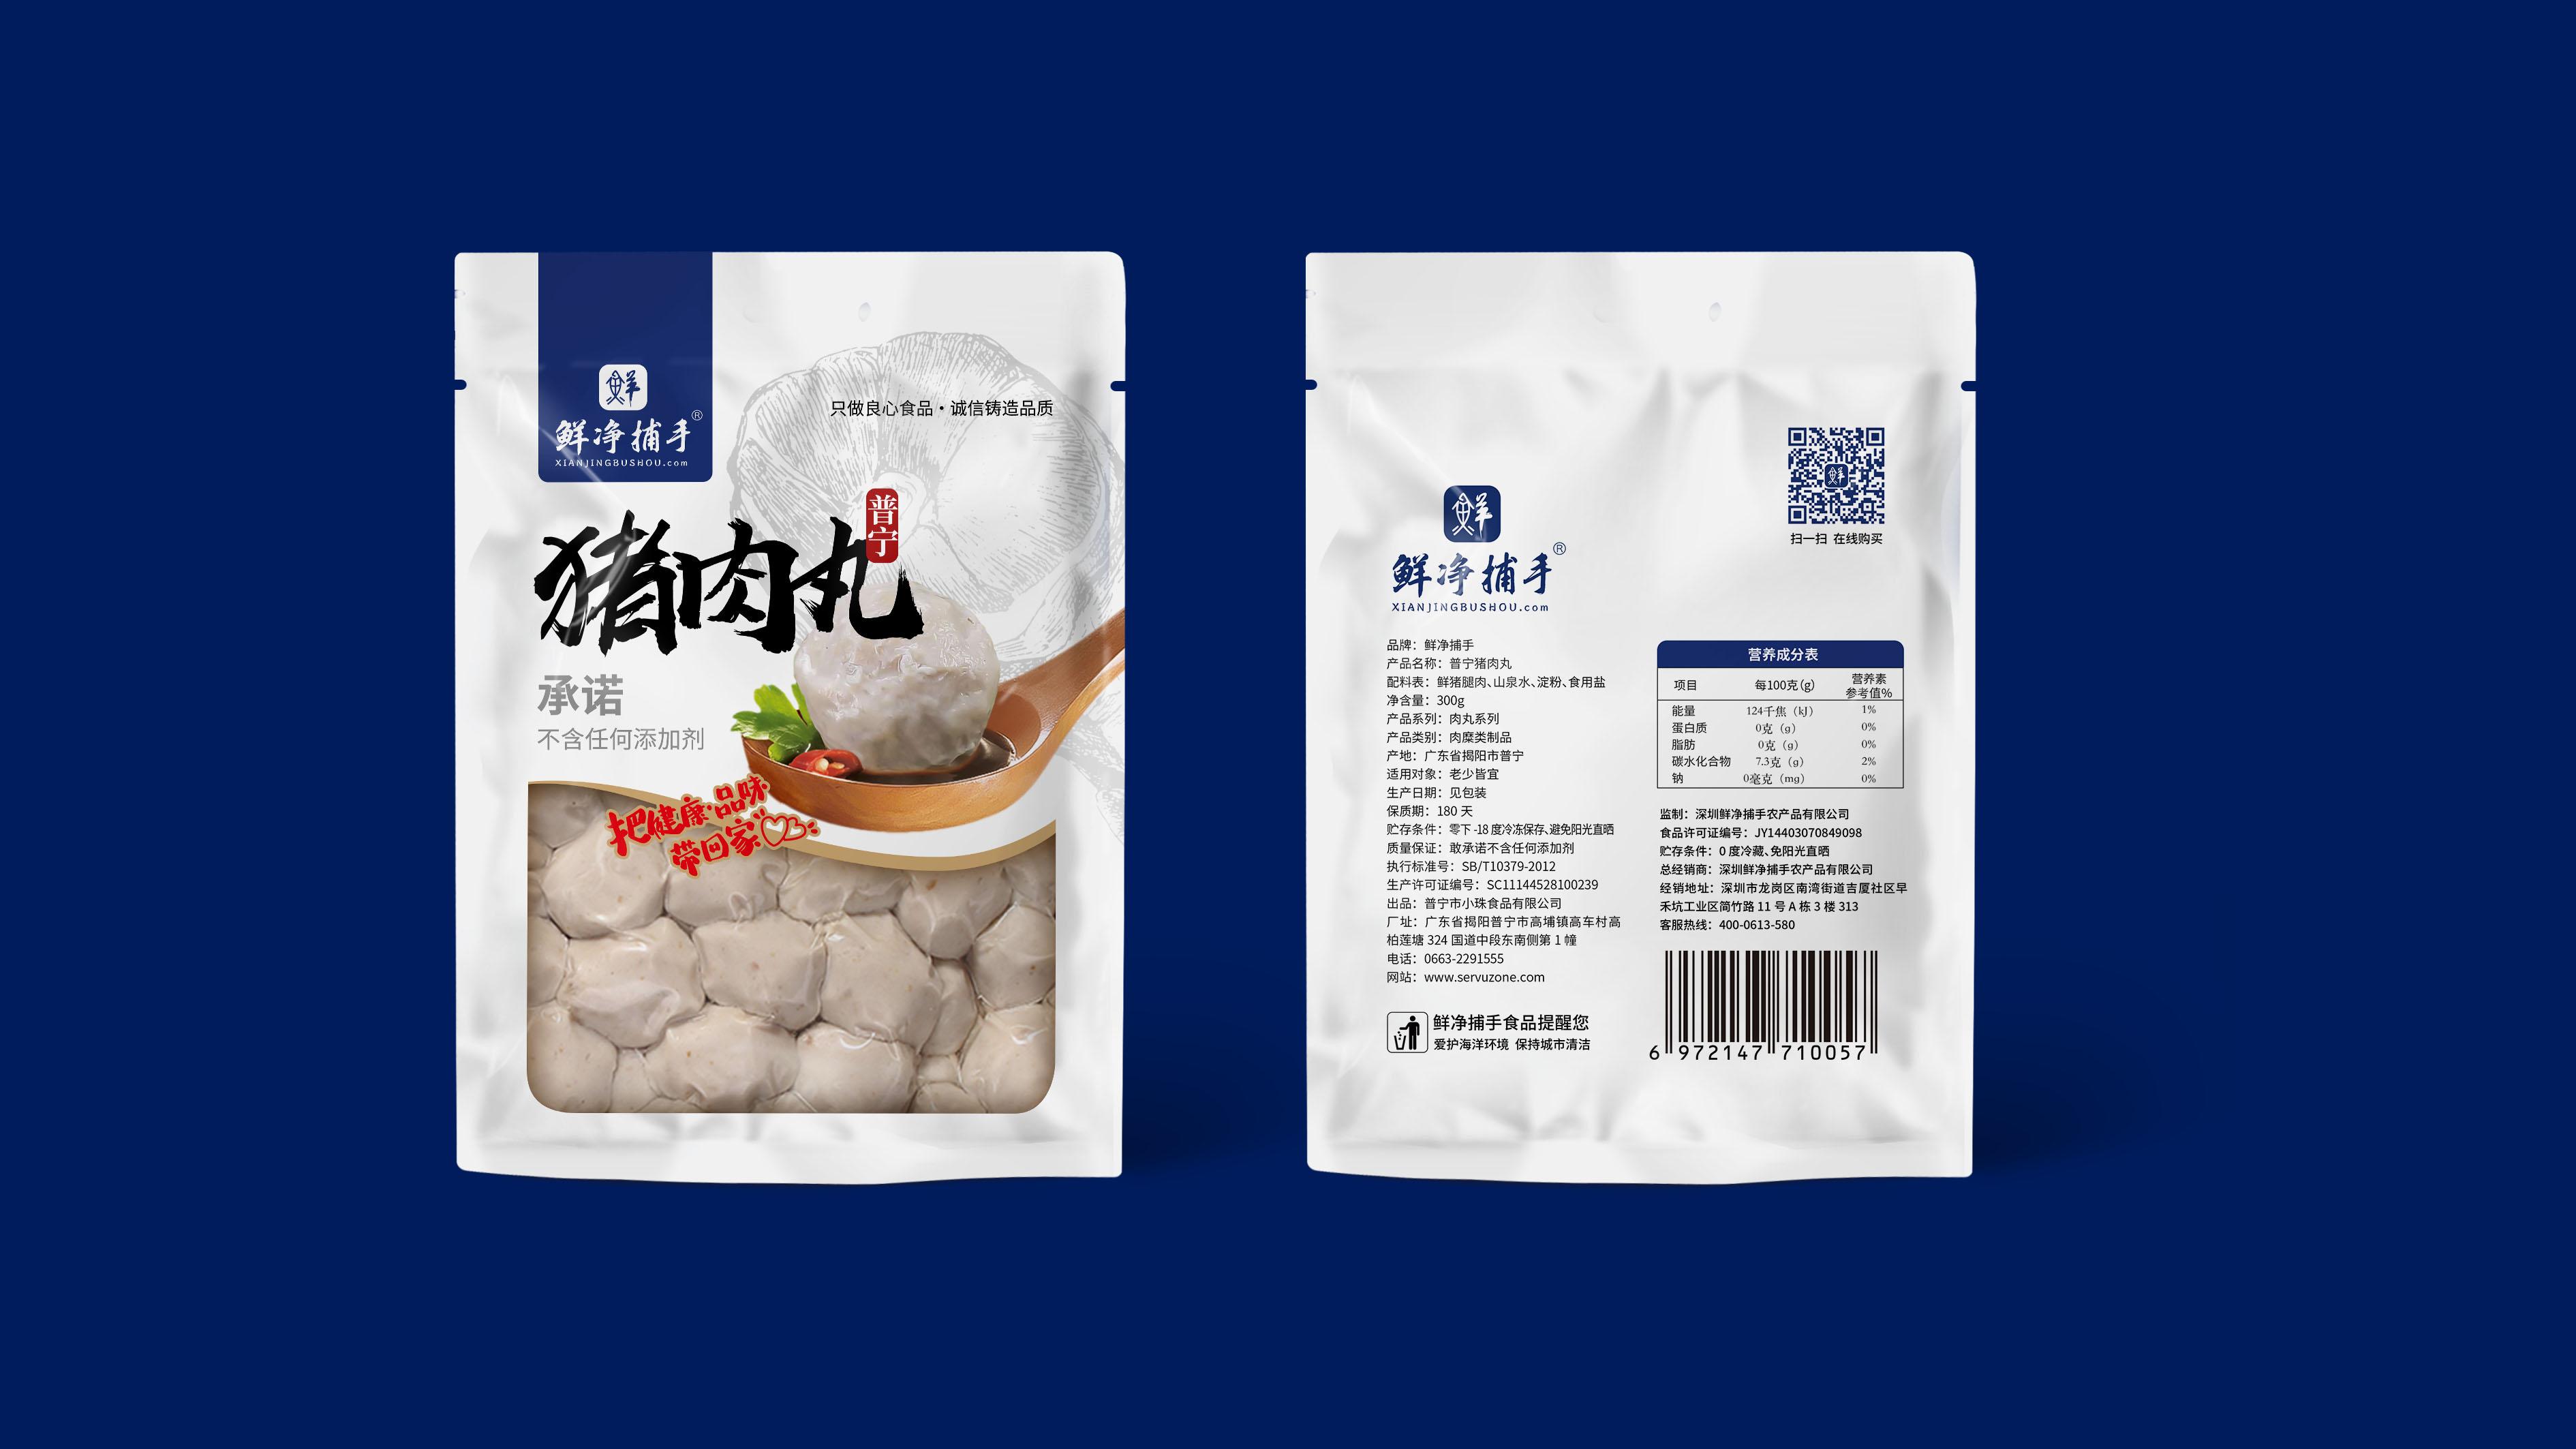 鲜净捕手猪肉丸品牌包装设计